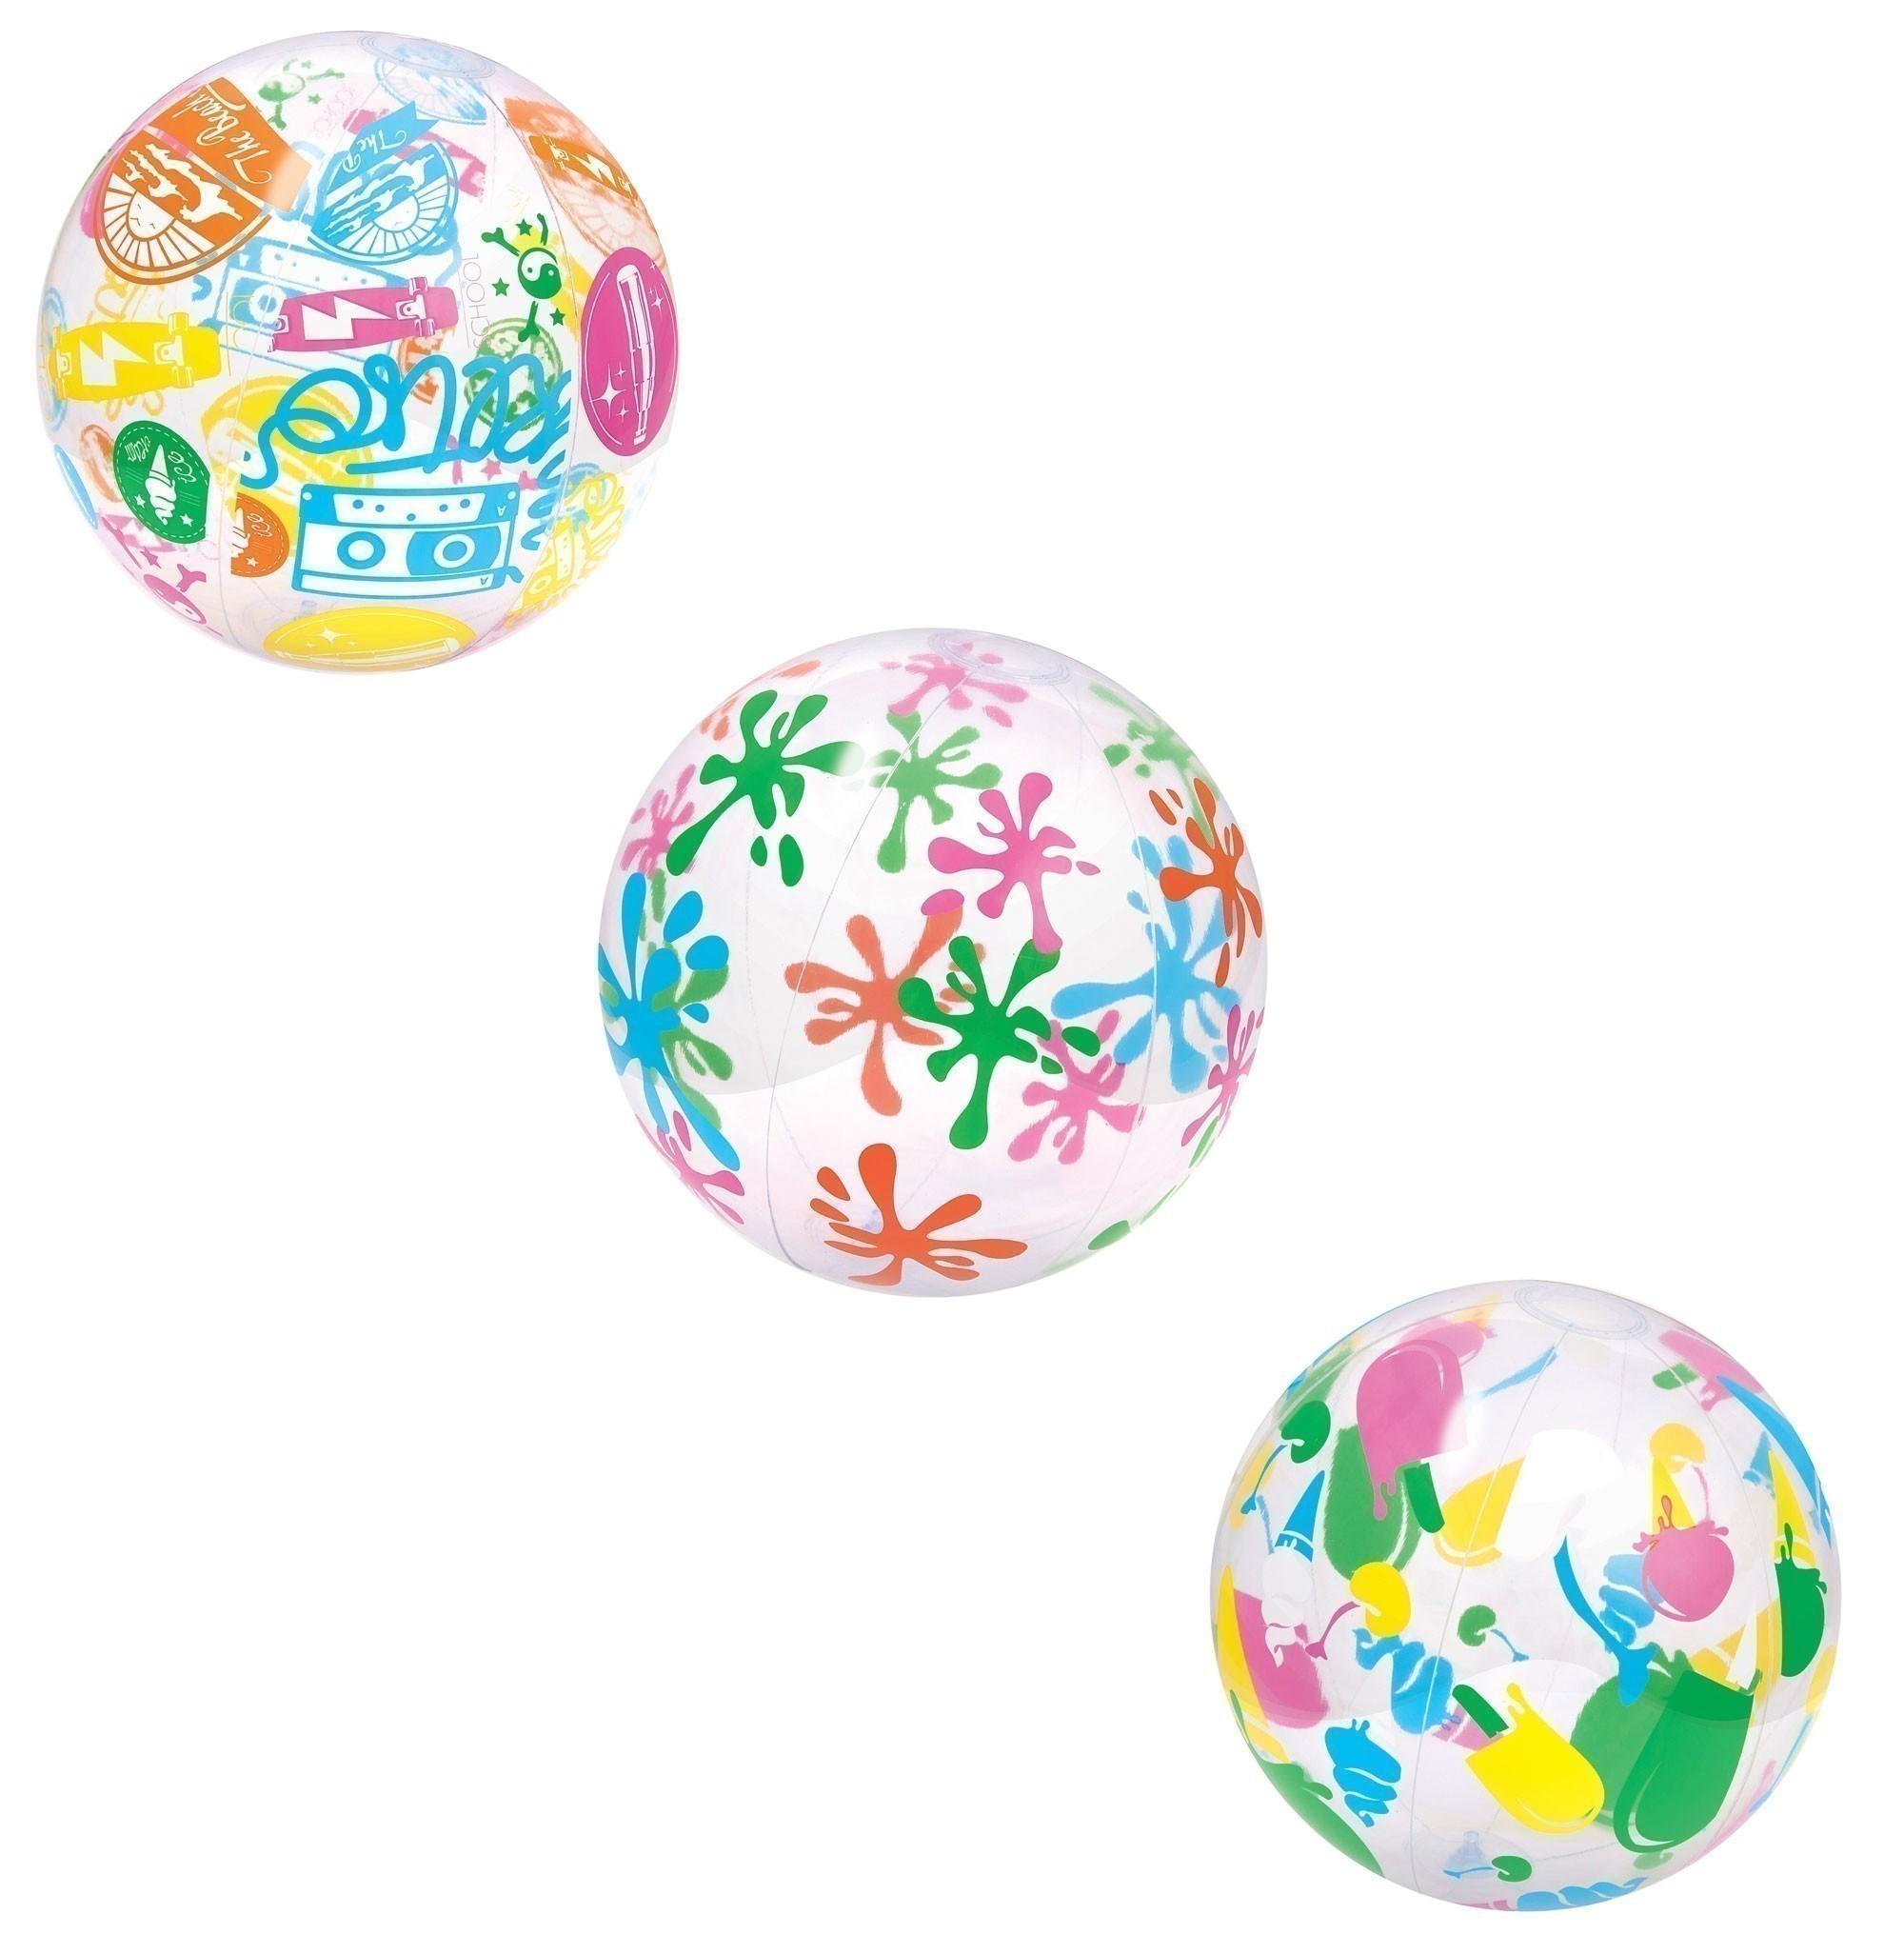 Wasserball / Strandball Bestway Designer Ø41cm Bild 4